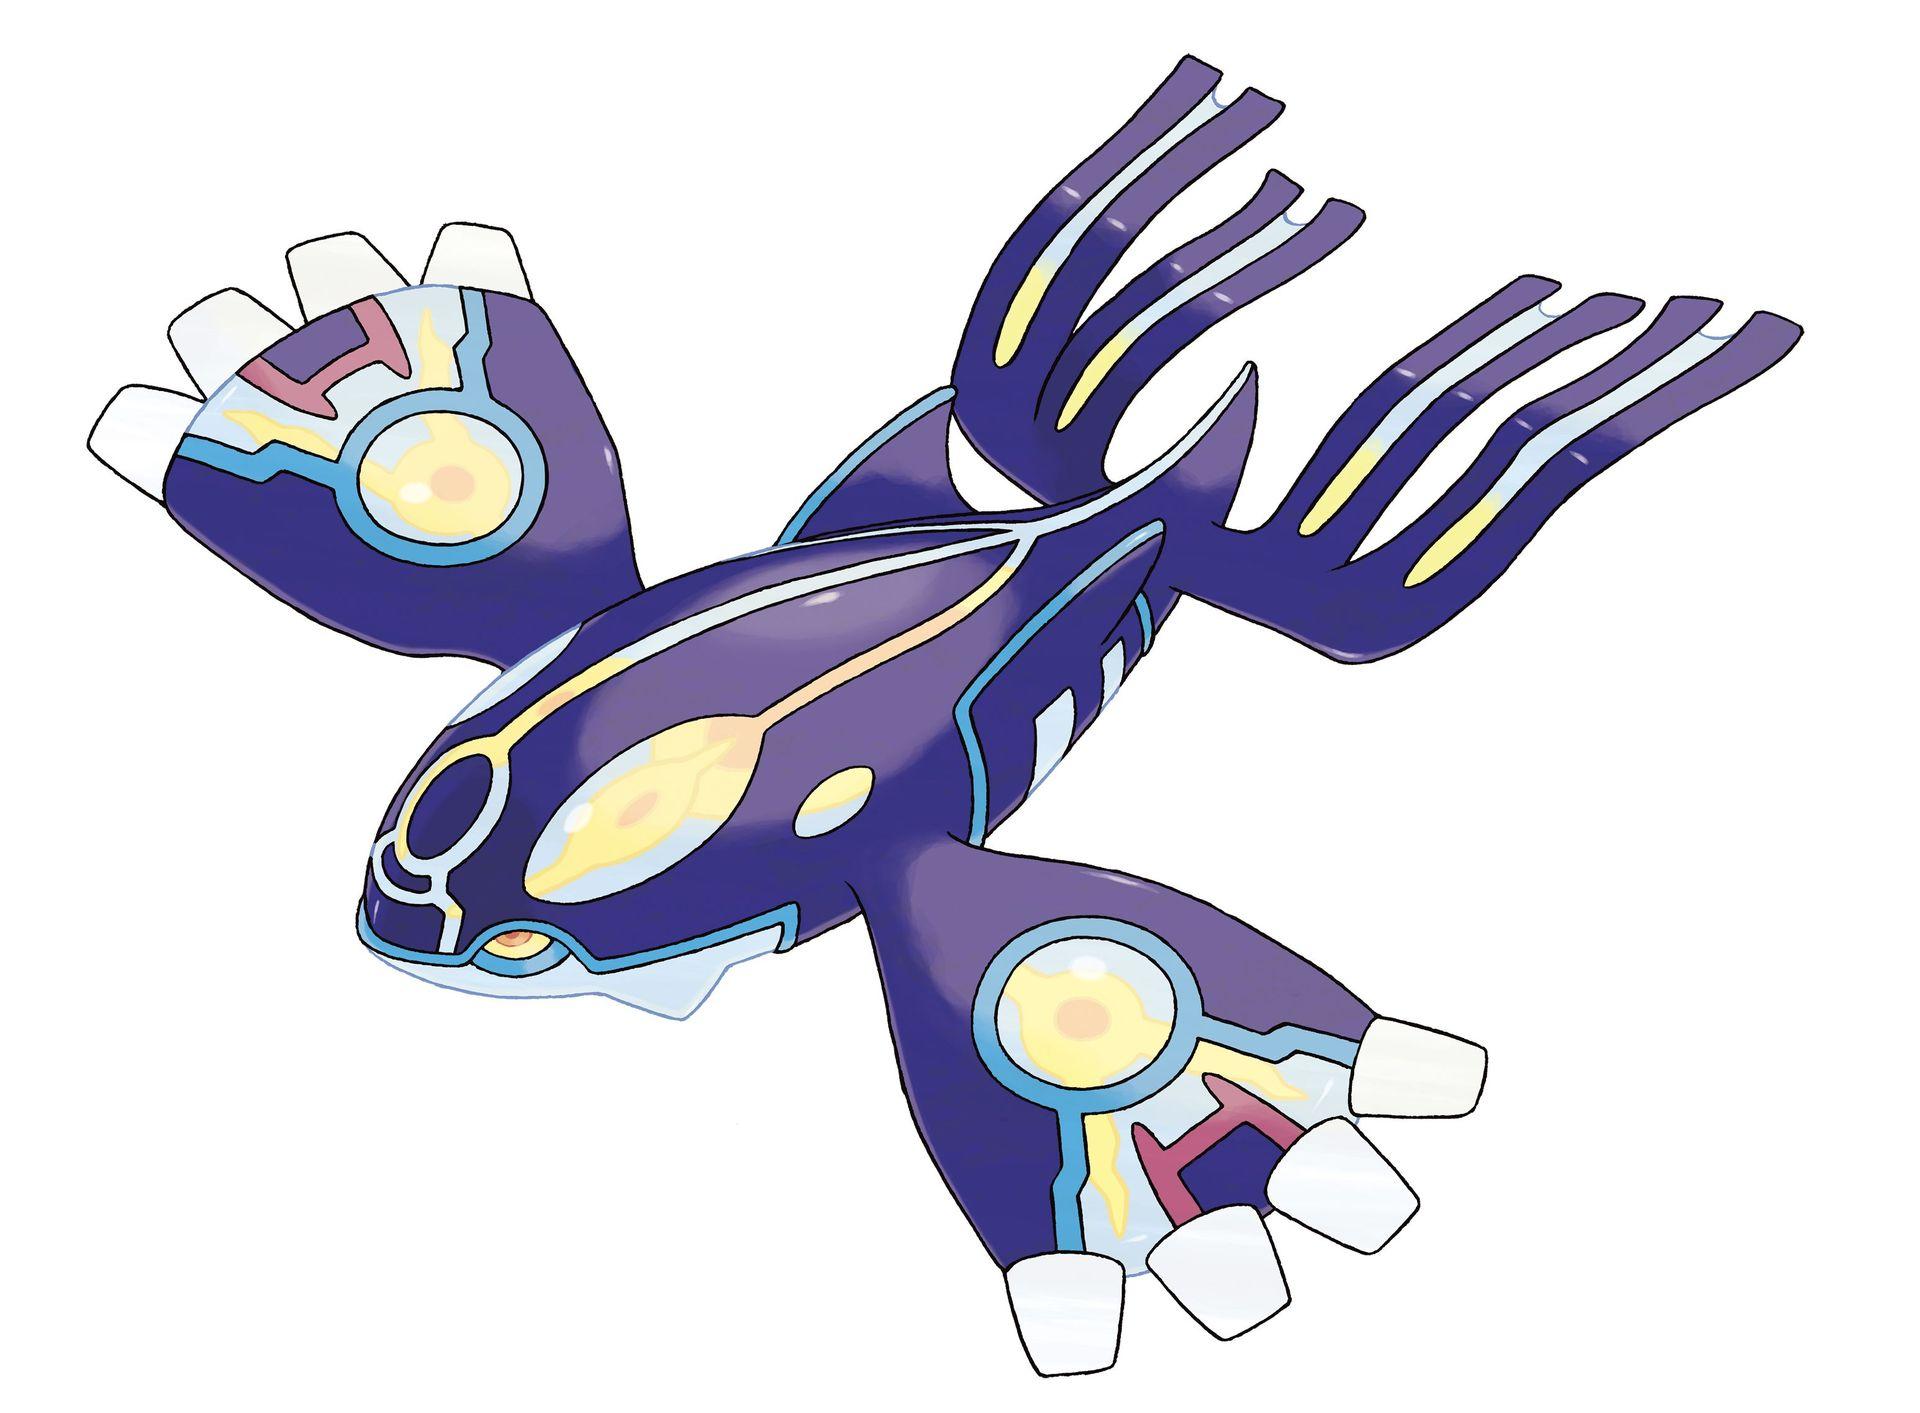 Pok mon saphir alpha nintendo 3ds artworks images legendra rpg - Pokemon saphir pokemon legendaire ...